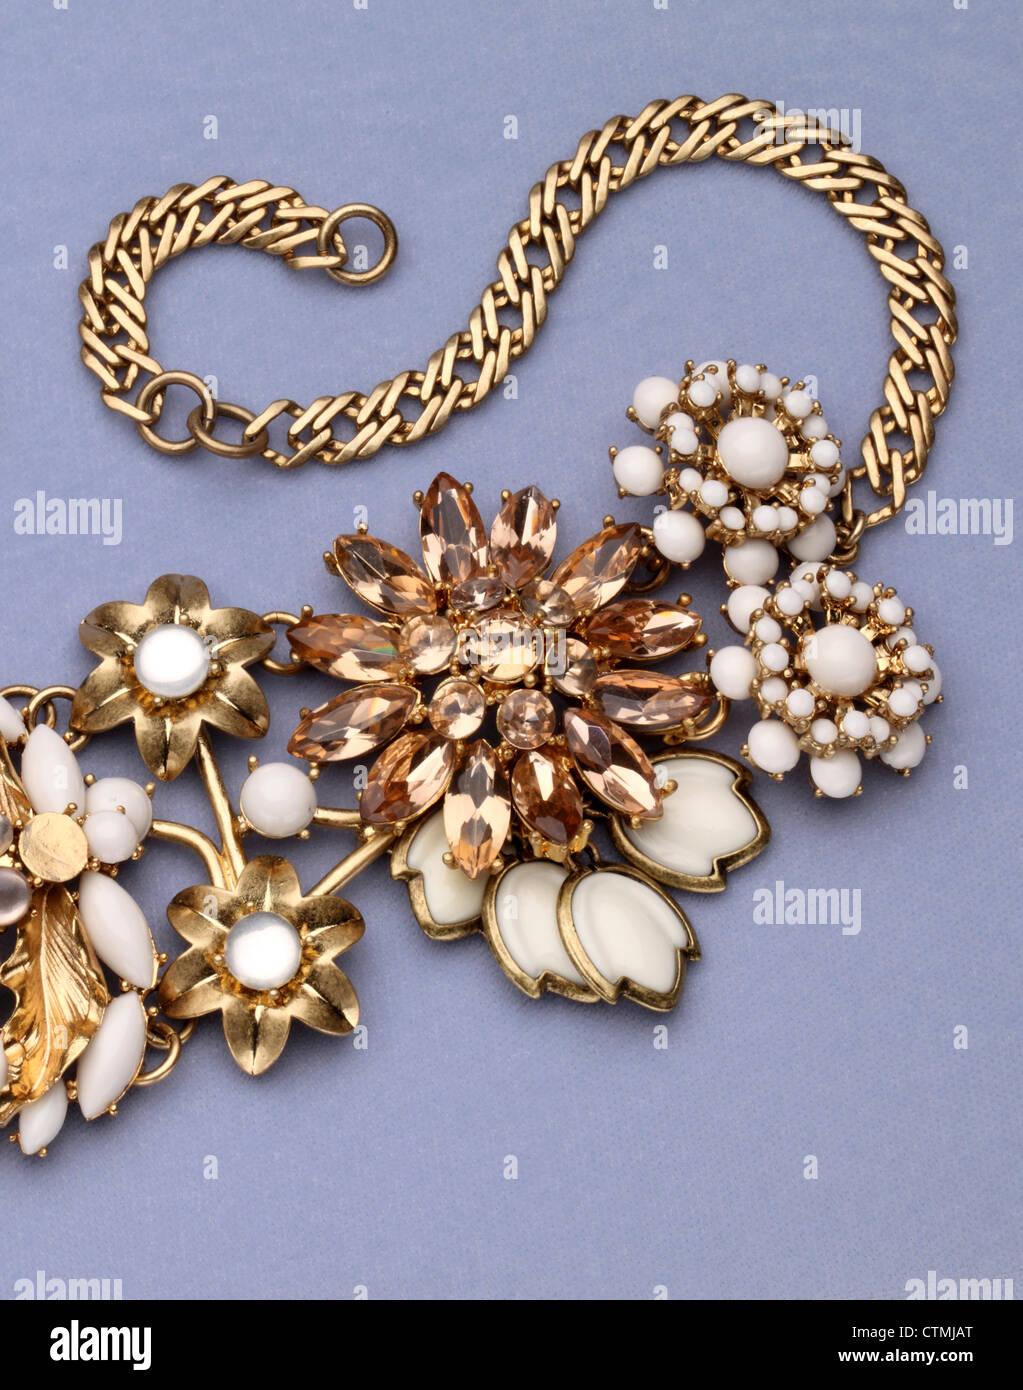 Modeschmuck. Eine große goldene Halskette mit Blumen. Stockbild